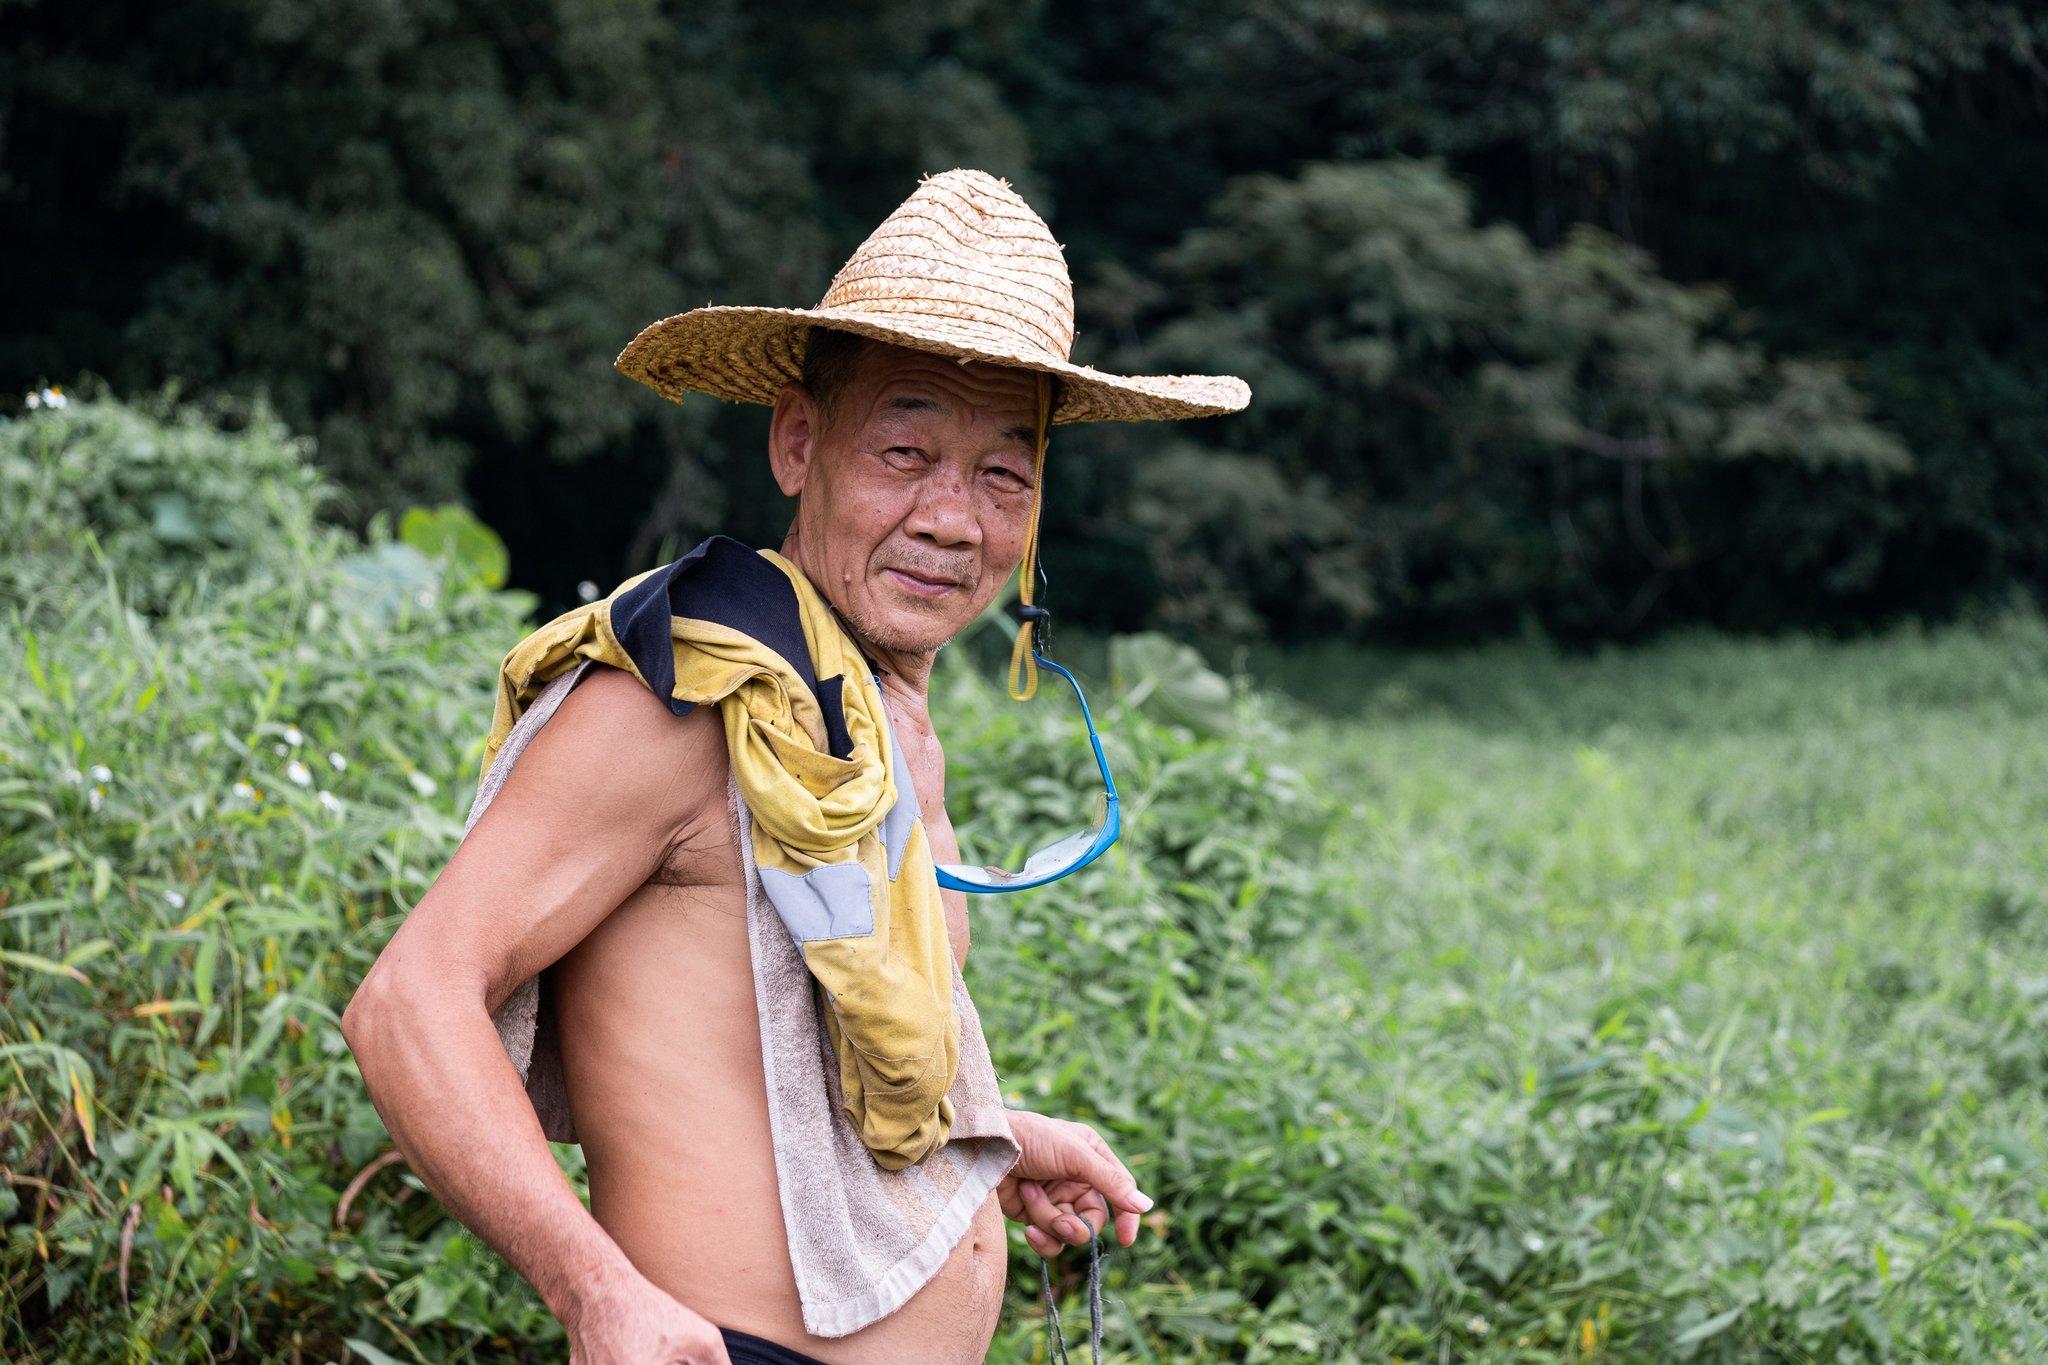 28. Man Portrait